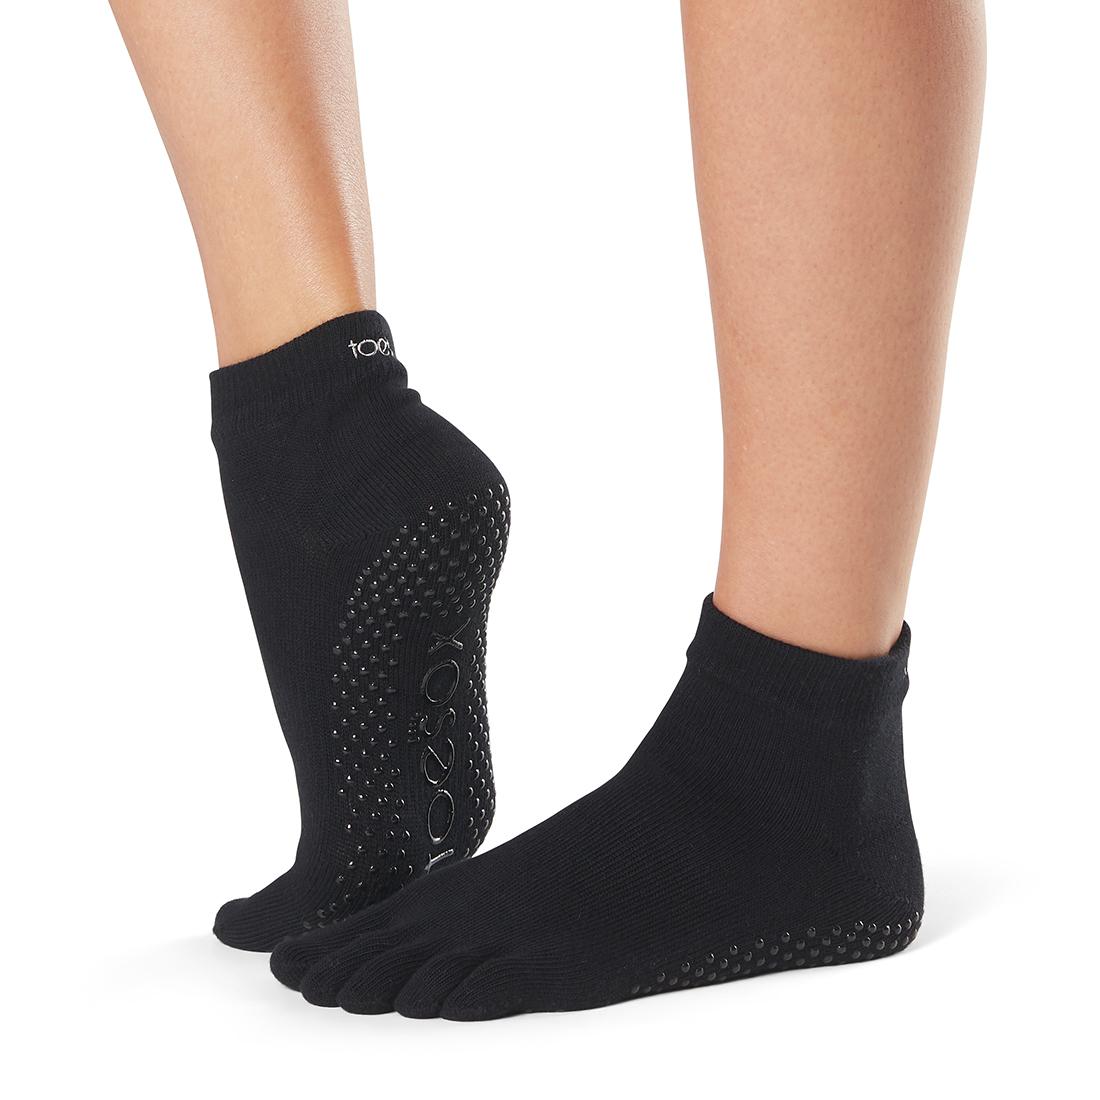 Yogasocken ToeSox Ankle Full Toe Black